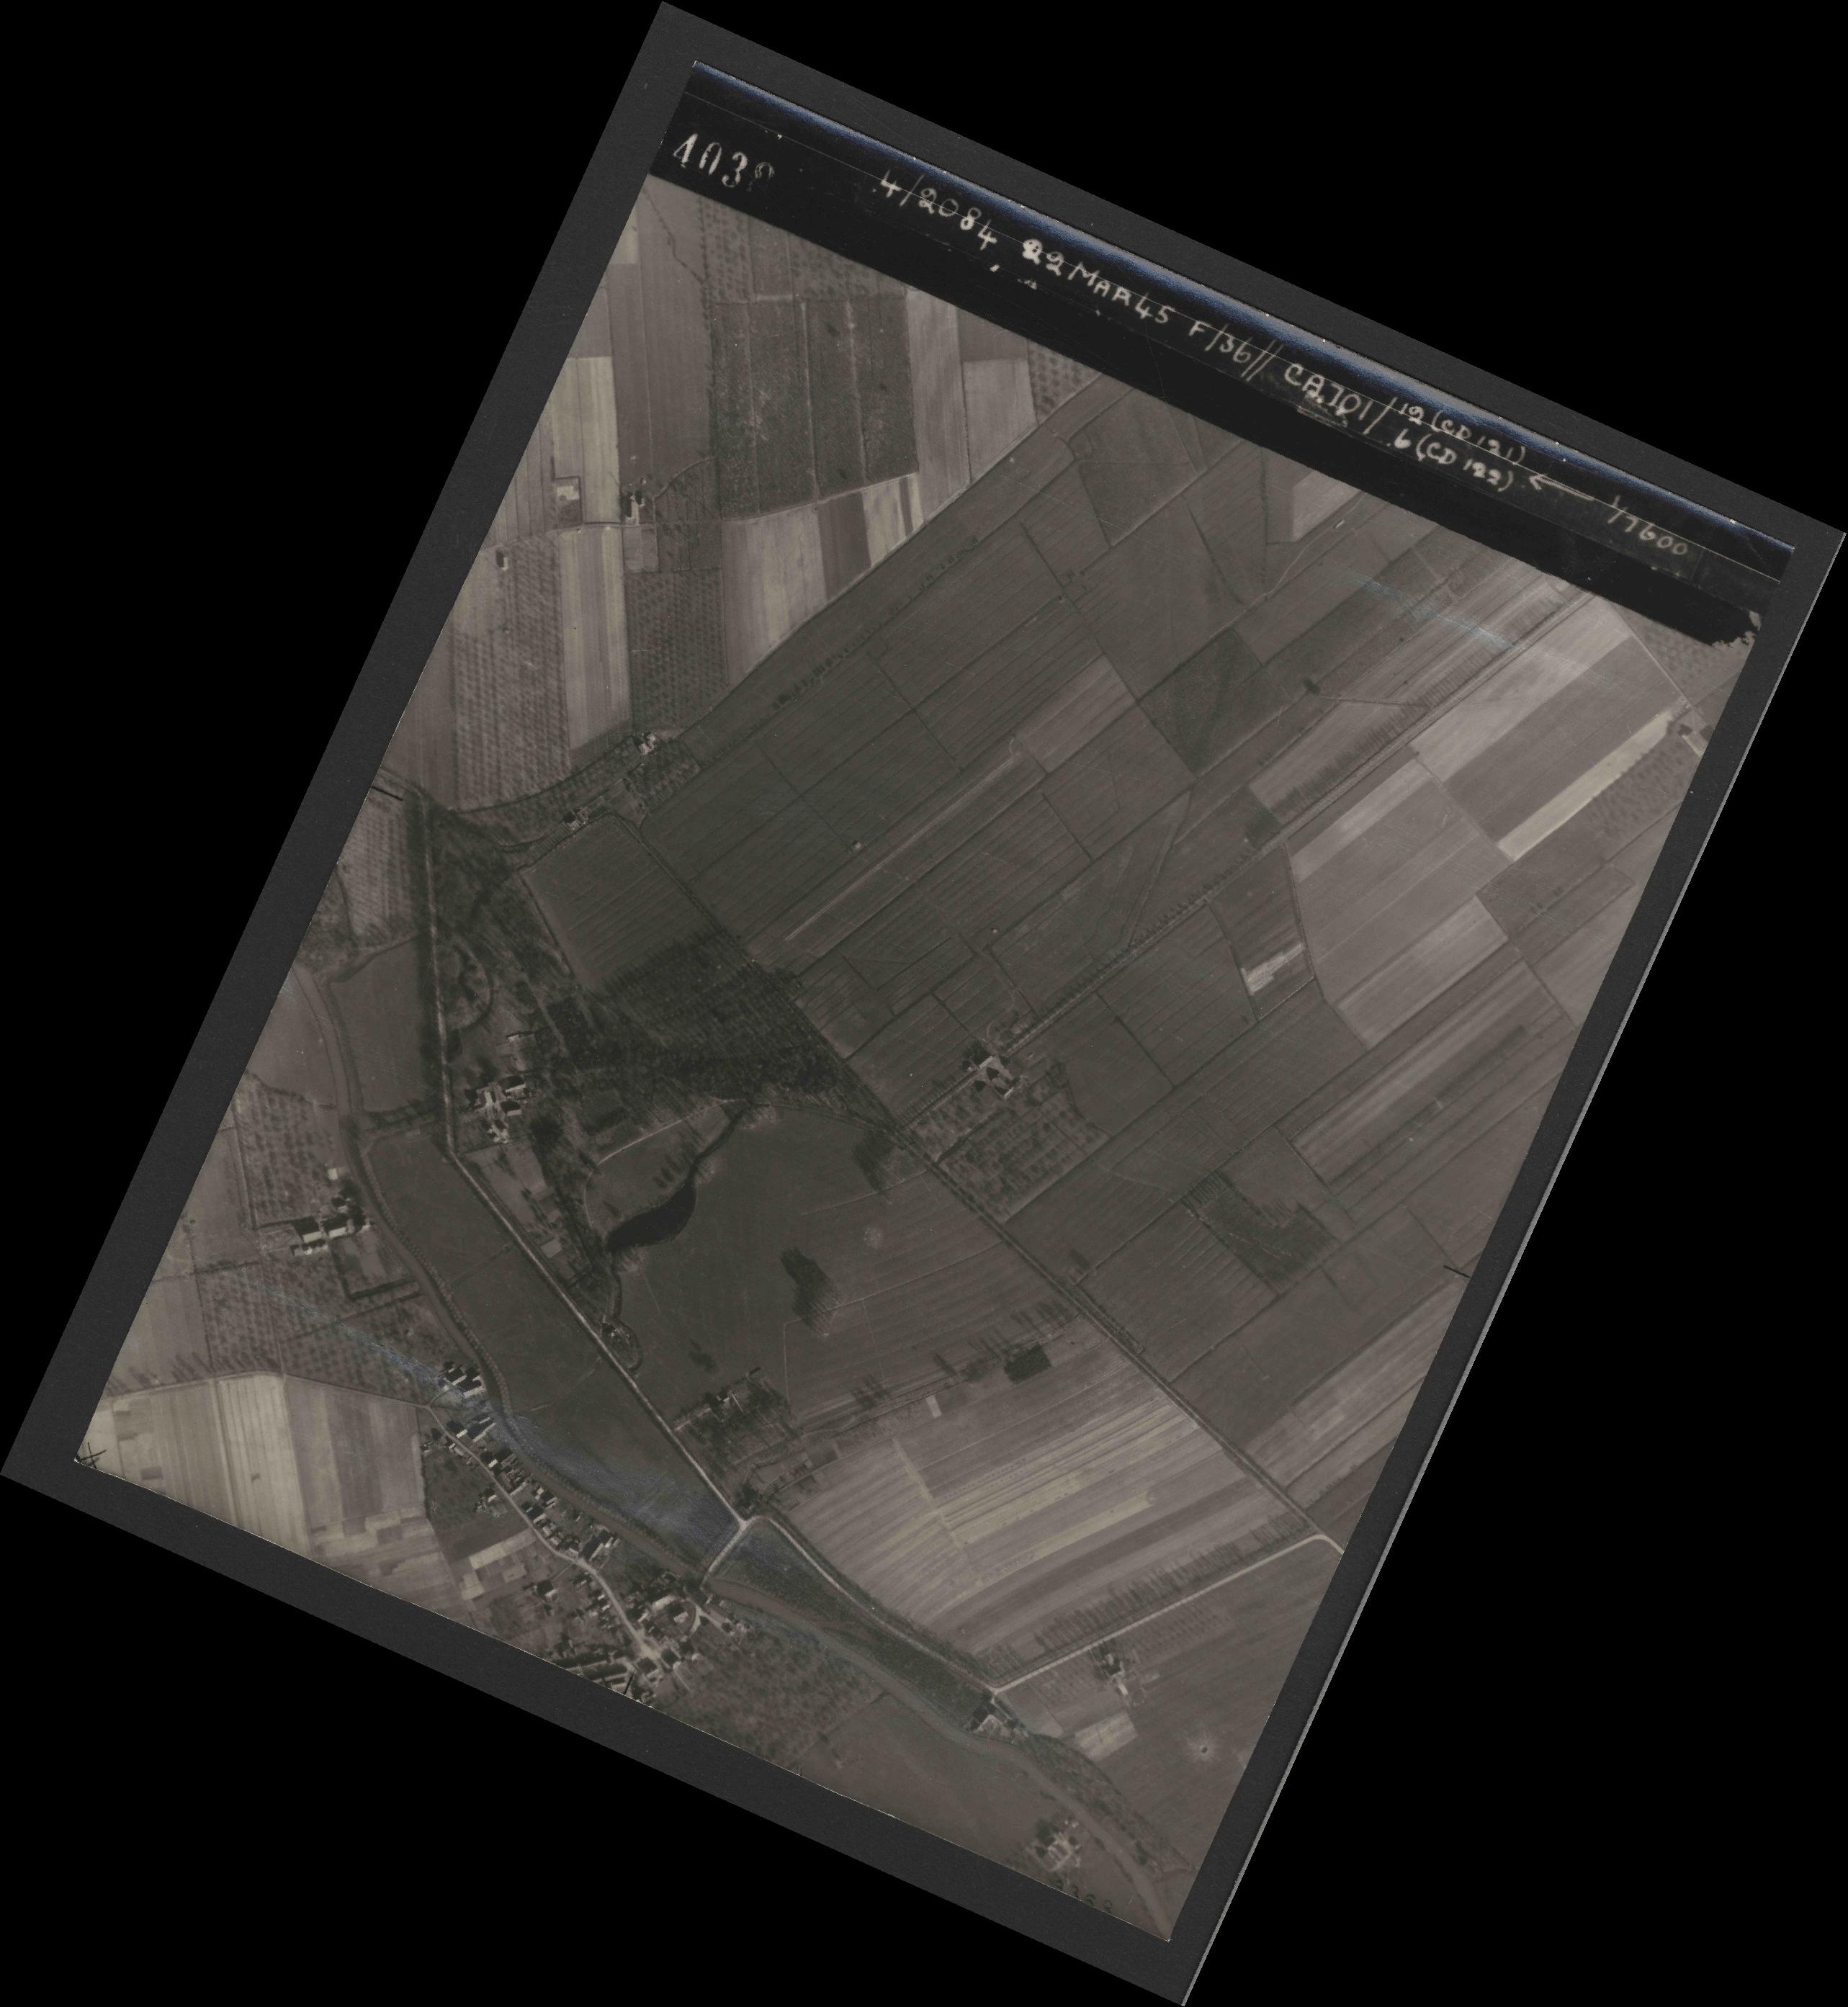 Collection RAF aerial photos 1940-1945 - flight 163, run 12, photo 4038